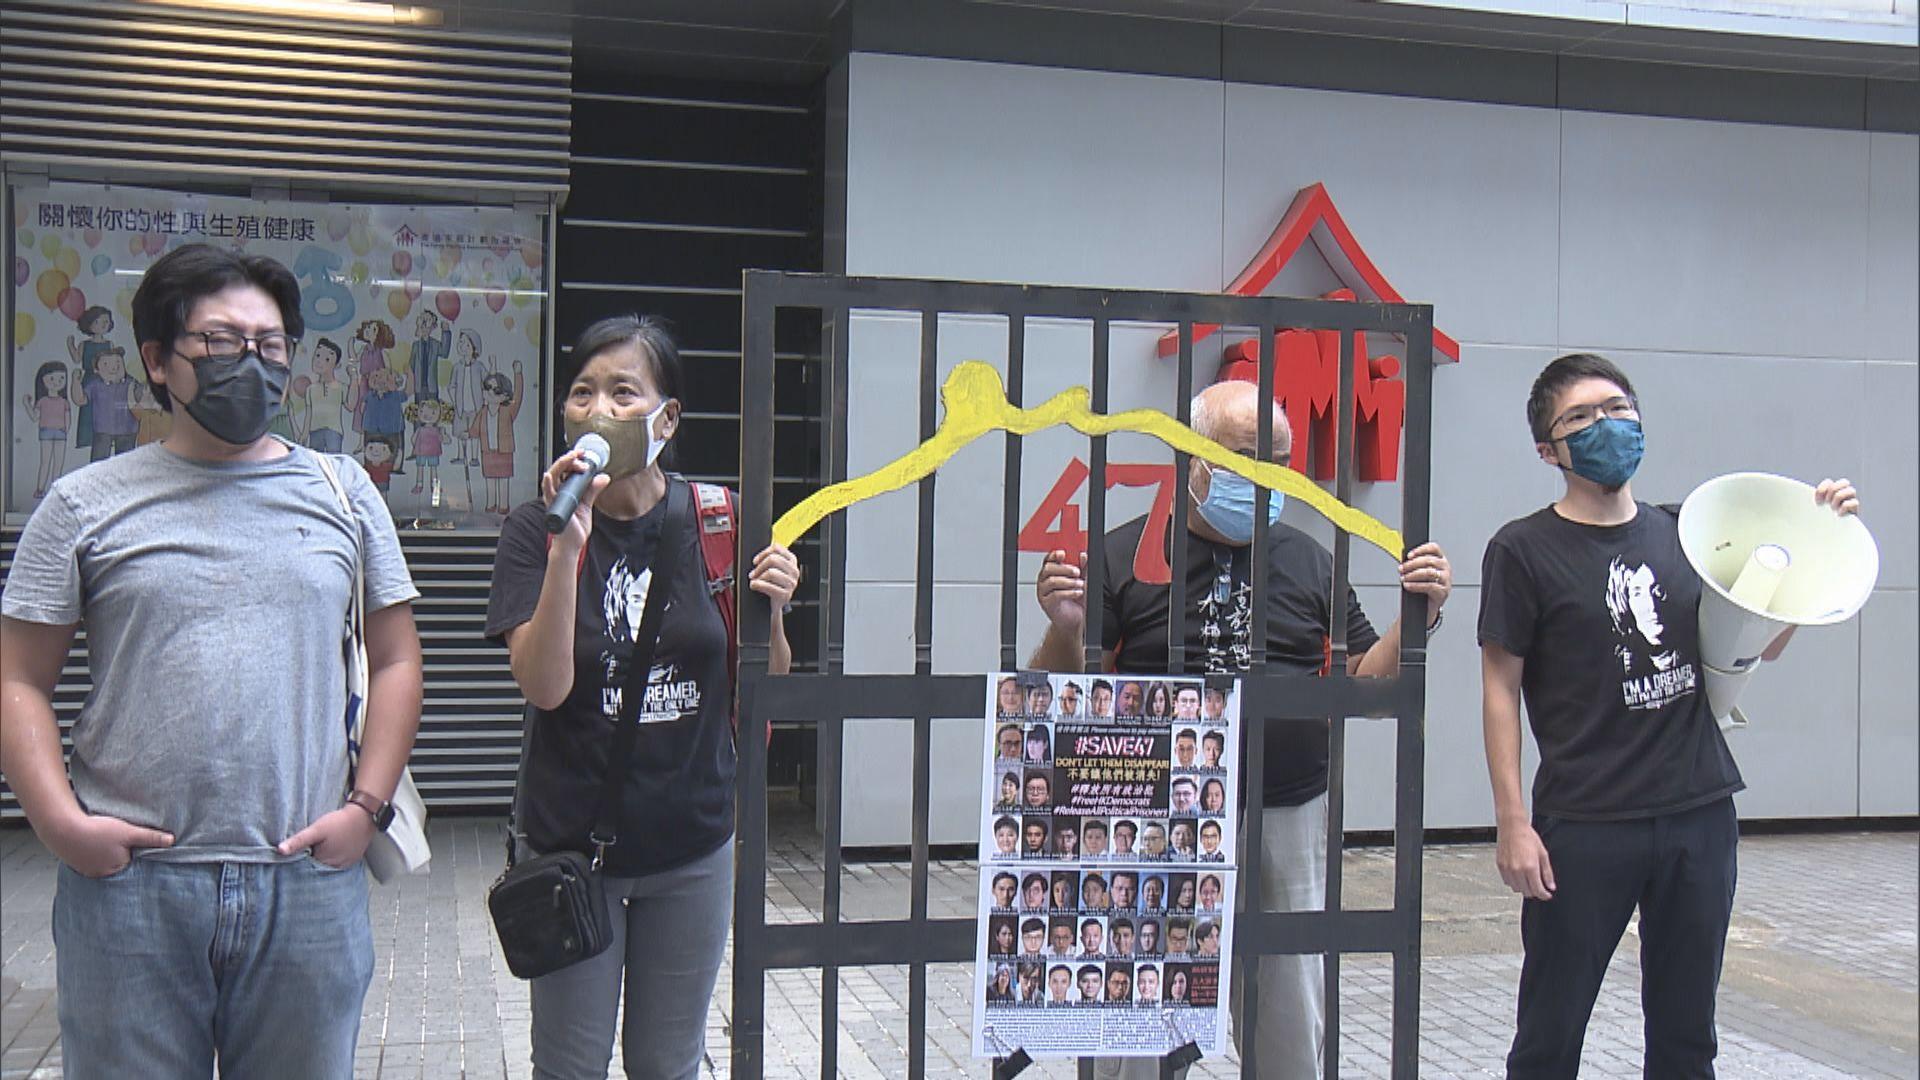 社民連示威抗議選委會選舉欠代表性